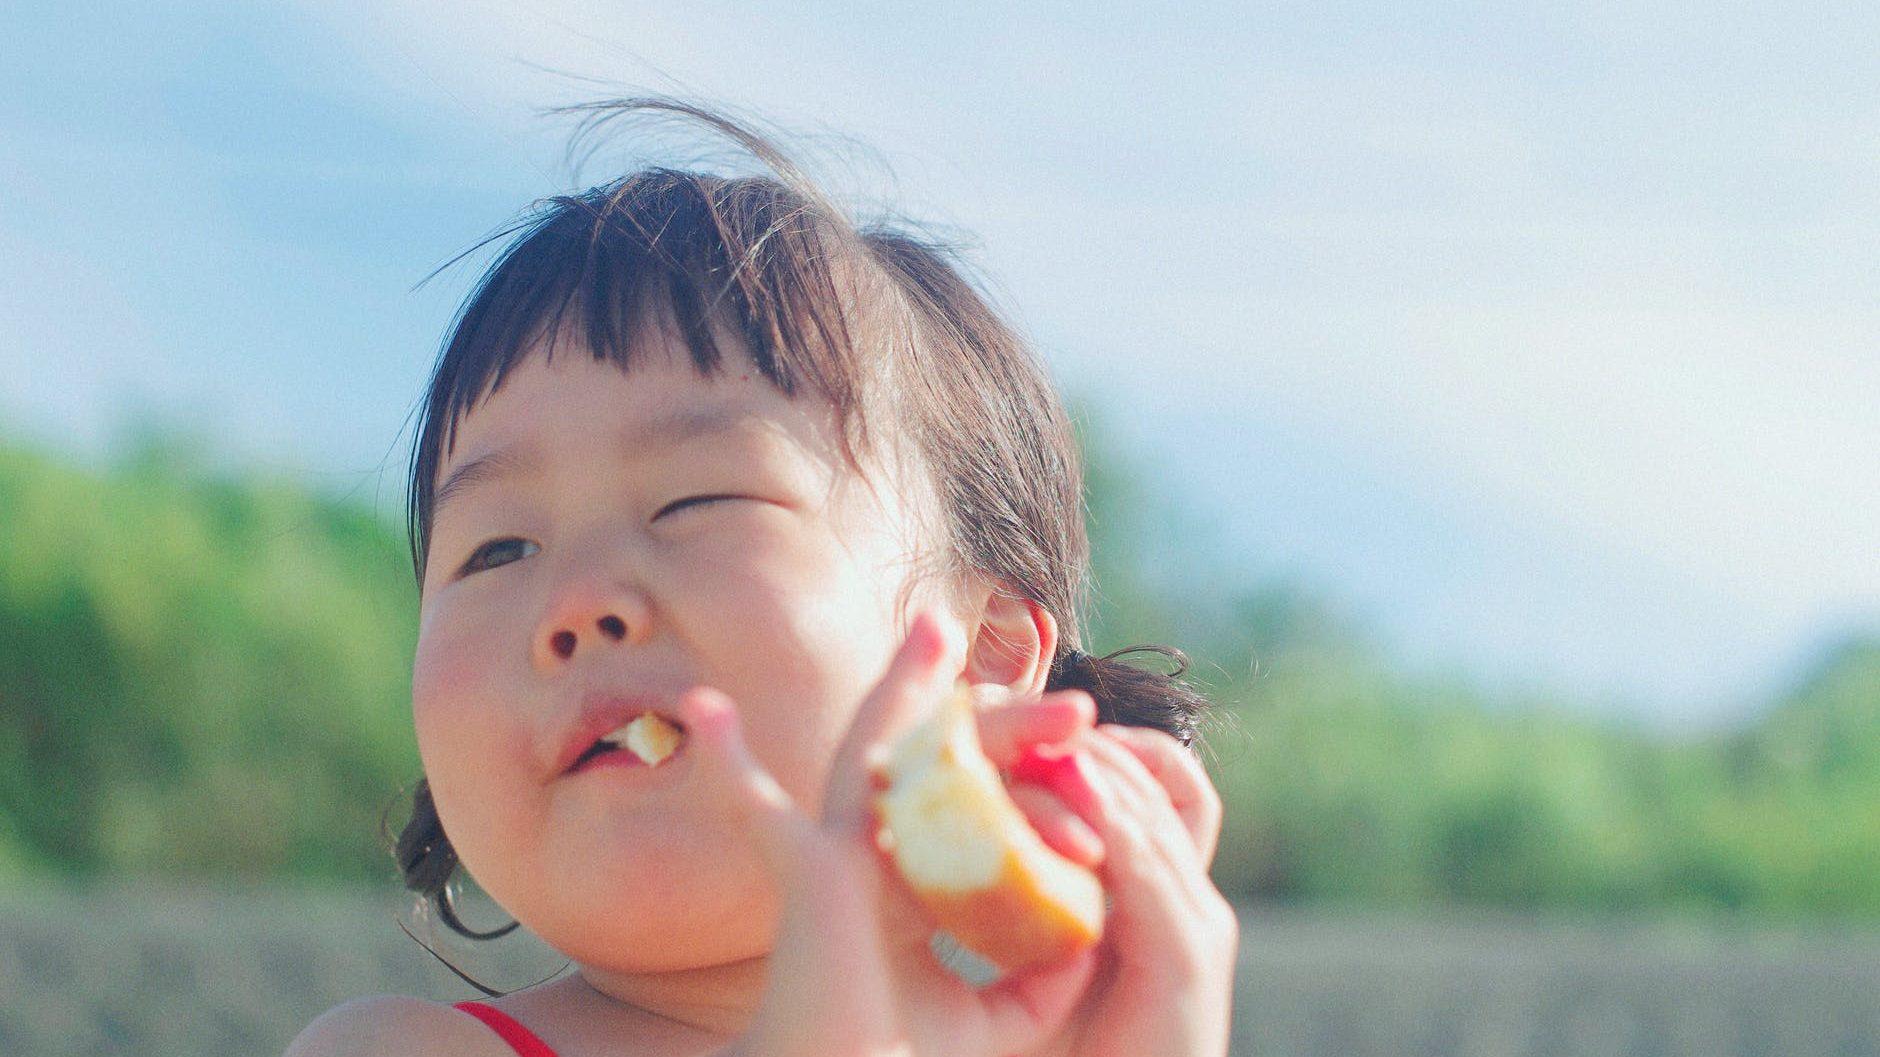 オーボールで赤ちゃんはいつから遊ぶのイメージ画像9